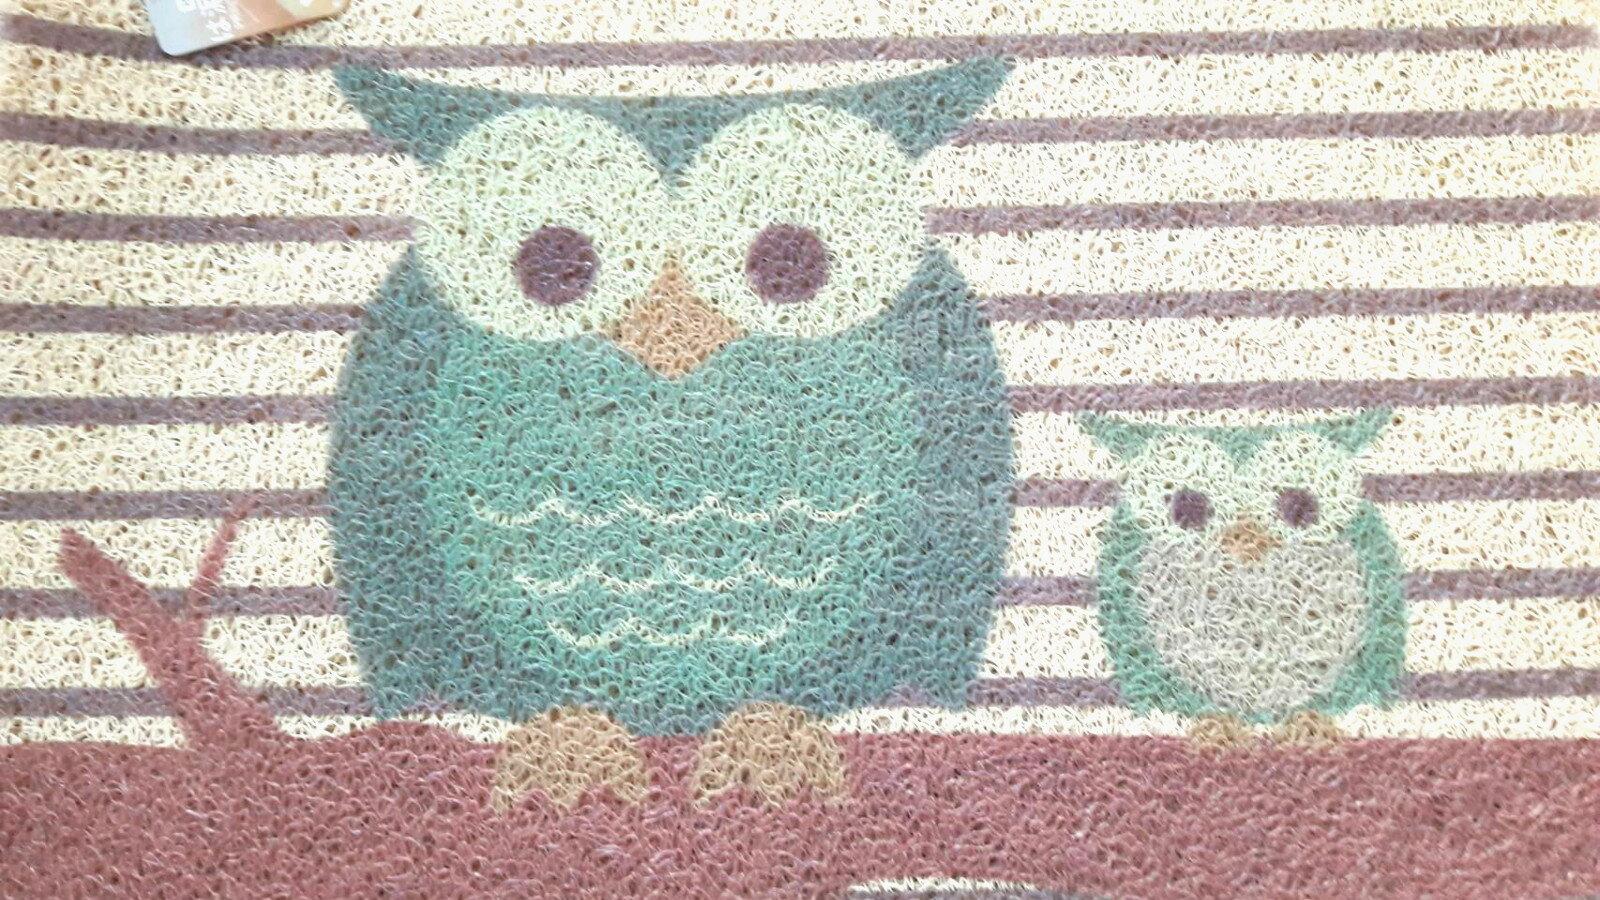 La maison 小舖~印花刮泥繪圖地墊腳踏墊~可愛親子貓頭鷹圖案 耐用防滑 玄關、客廳